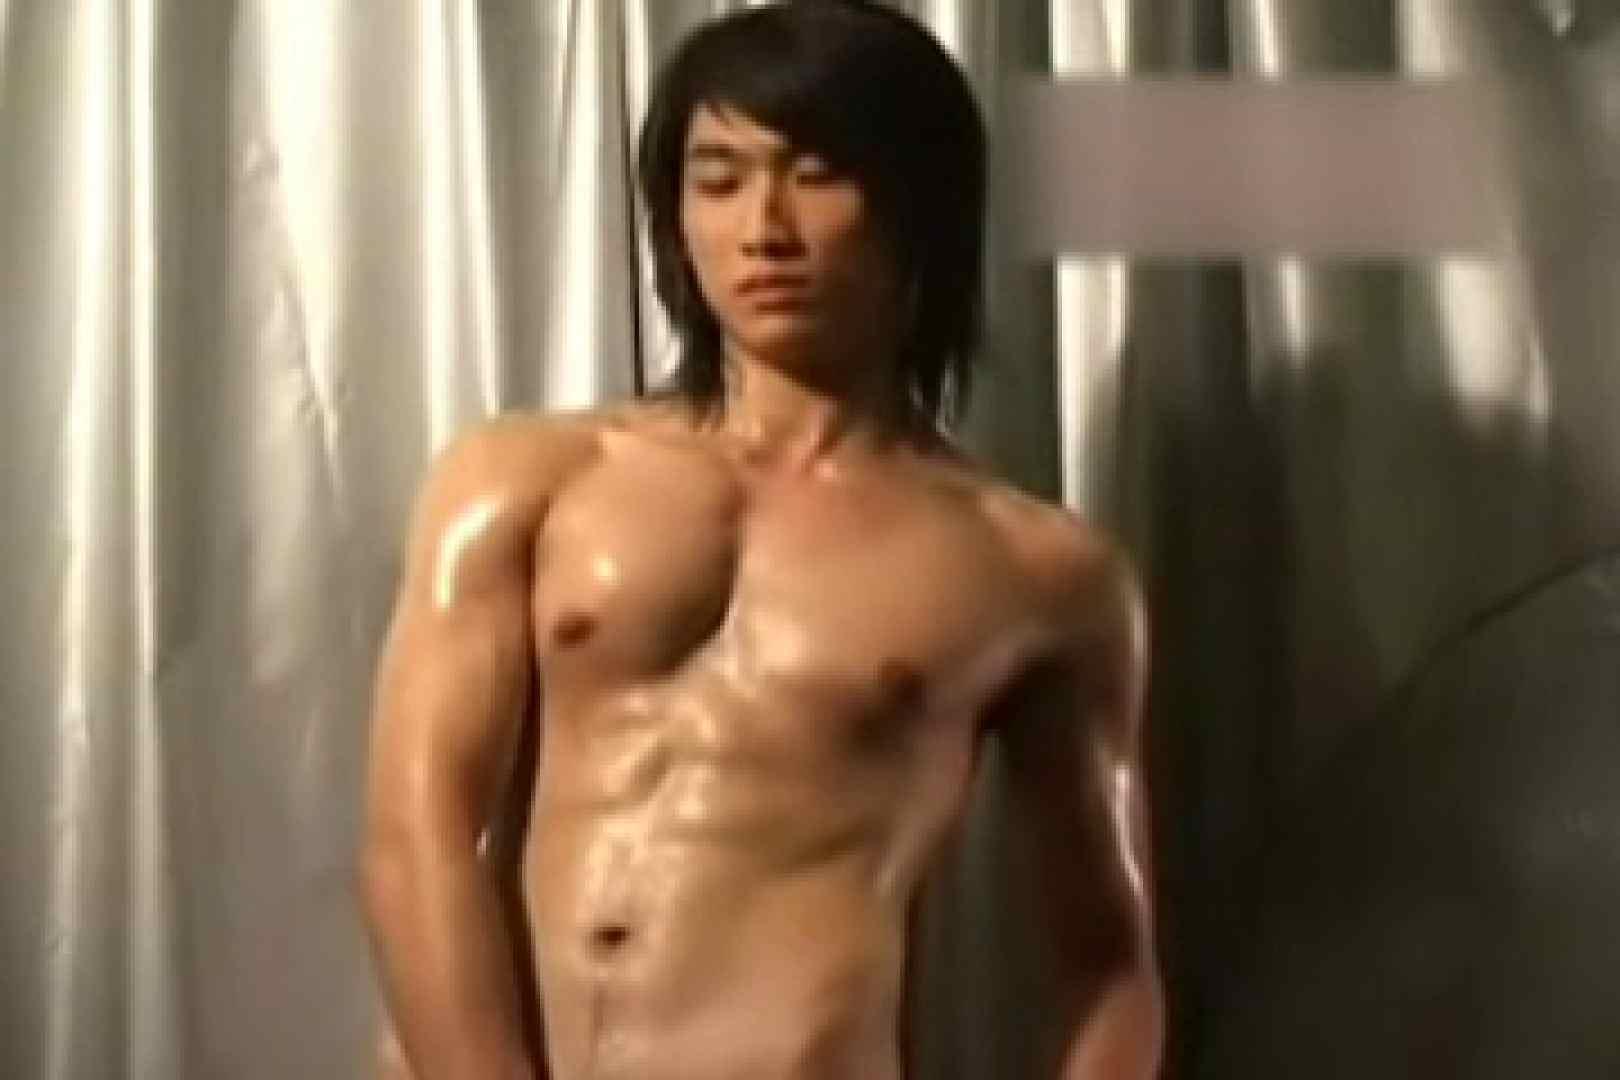 流出!!メンズスーパーモデル達のヌードinChina vol5 ヌード | ゲイイメージ ゲイ丸見え画像 78pic 51